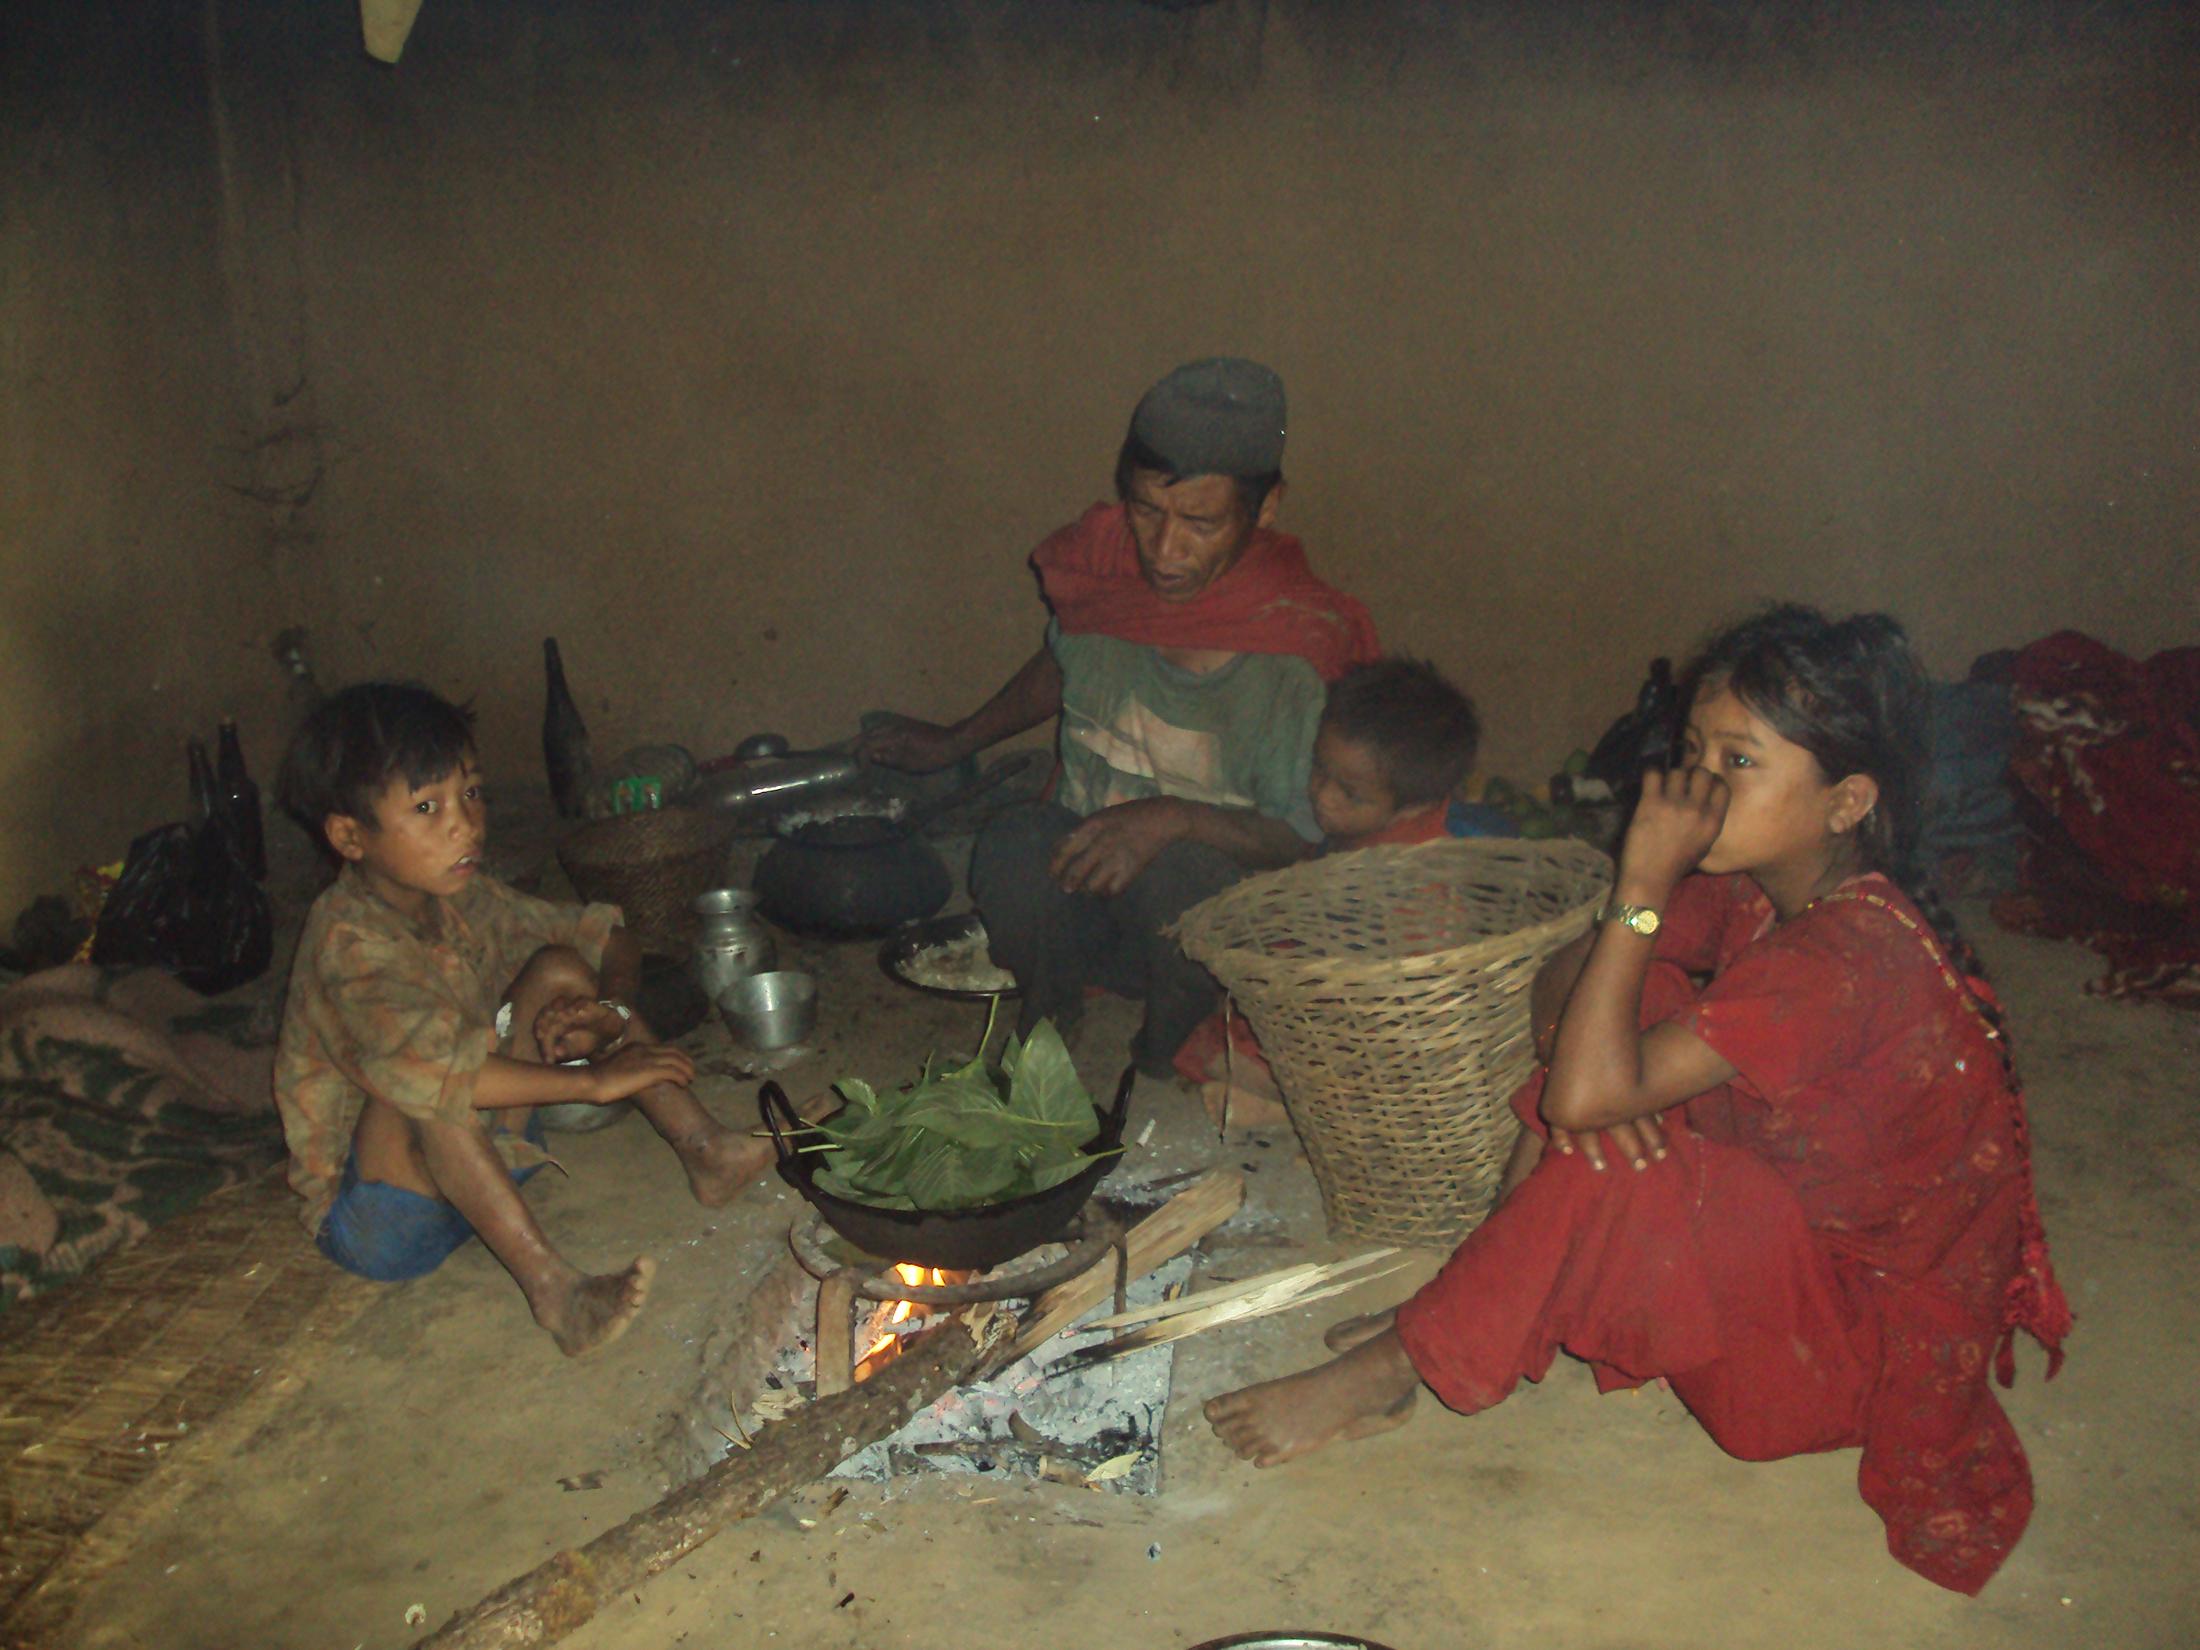 'घरमा अन्न छैन, जंगलमा कन्दमूल'